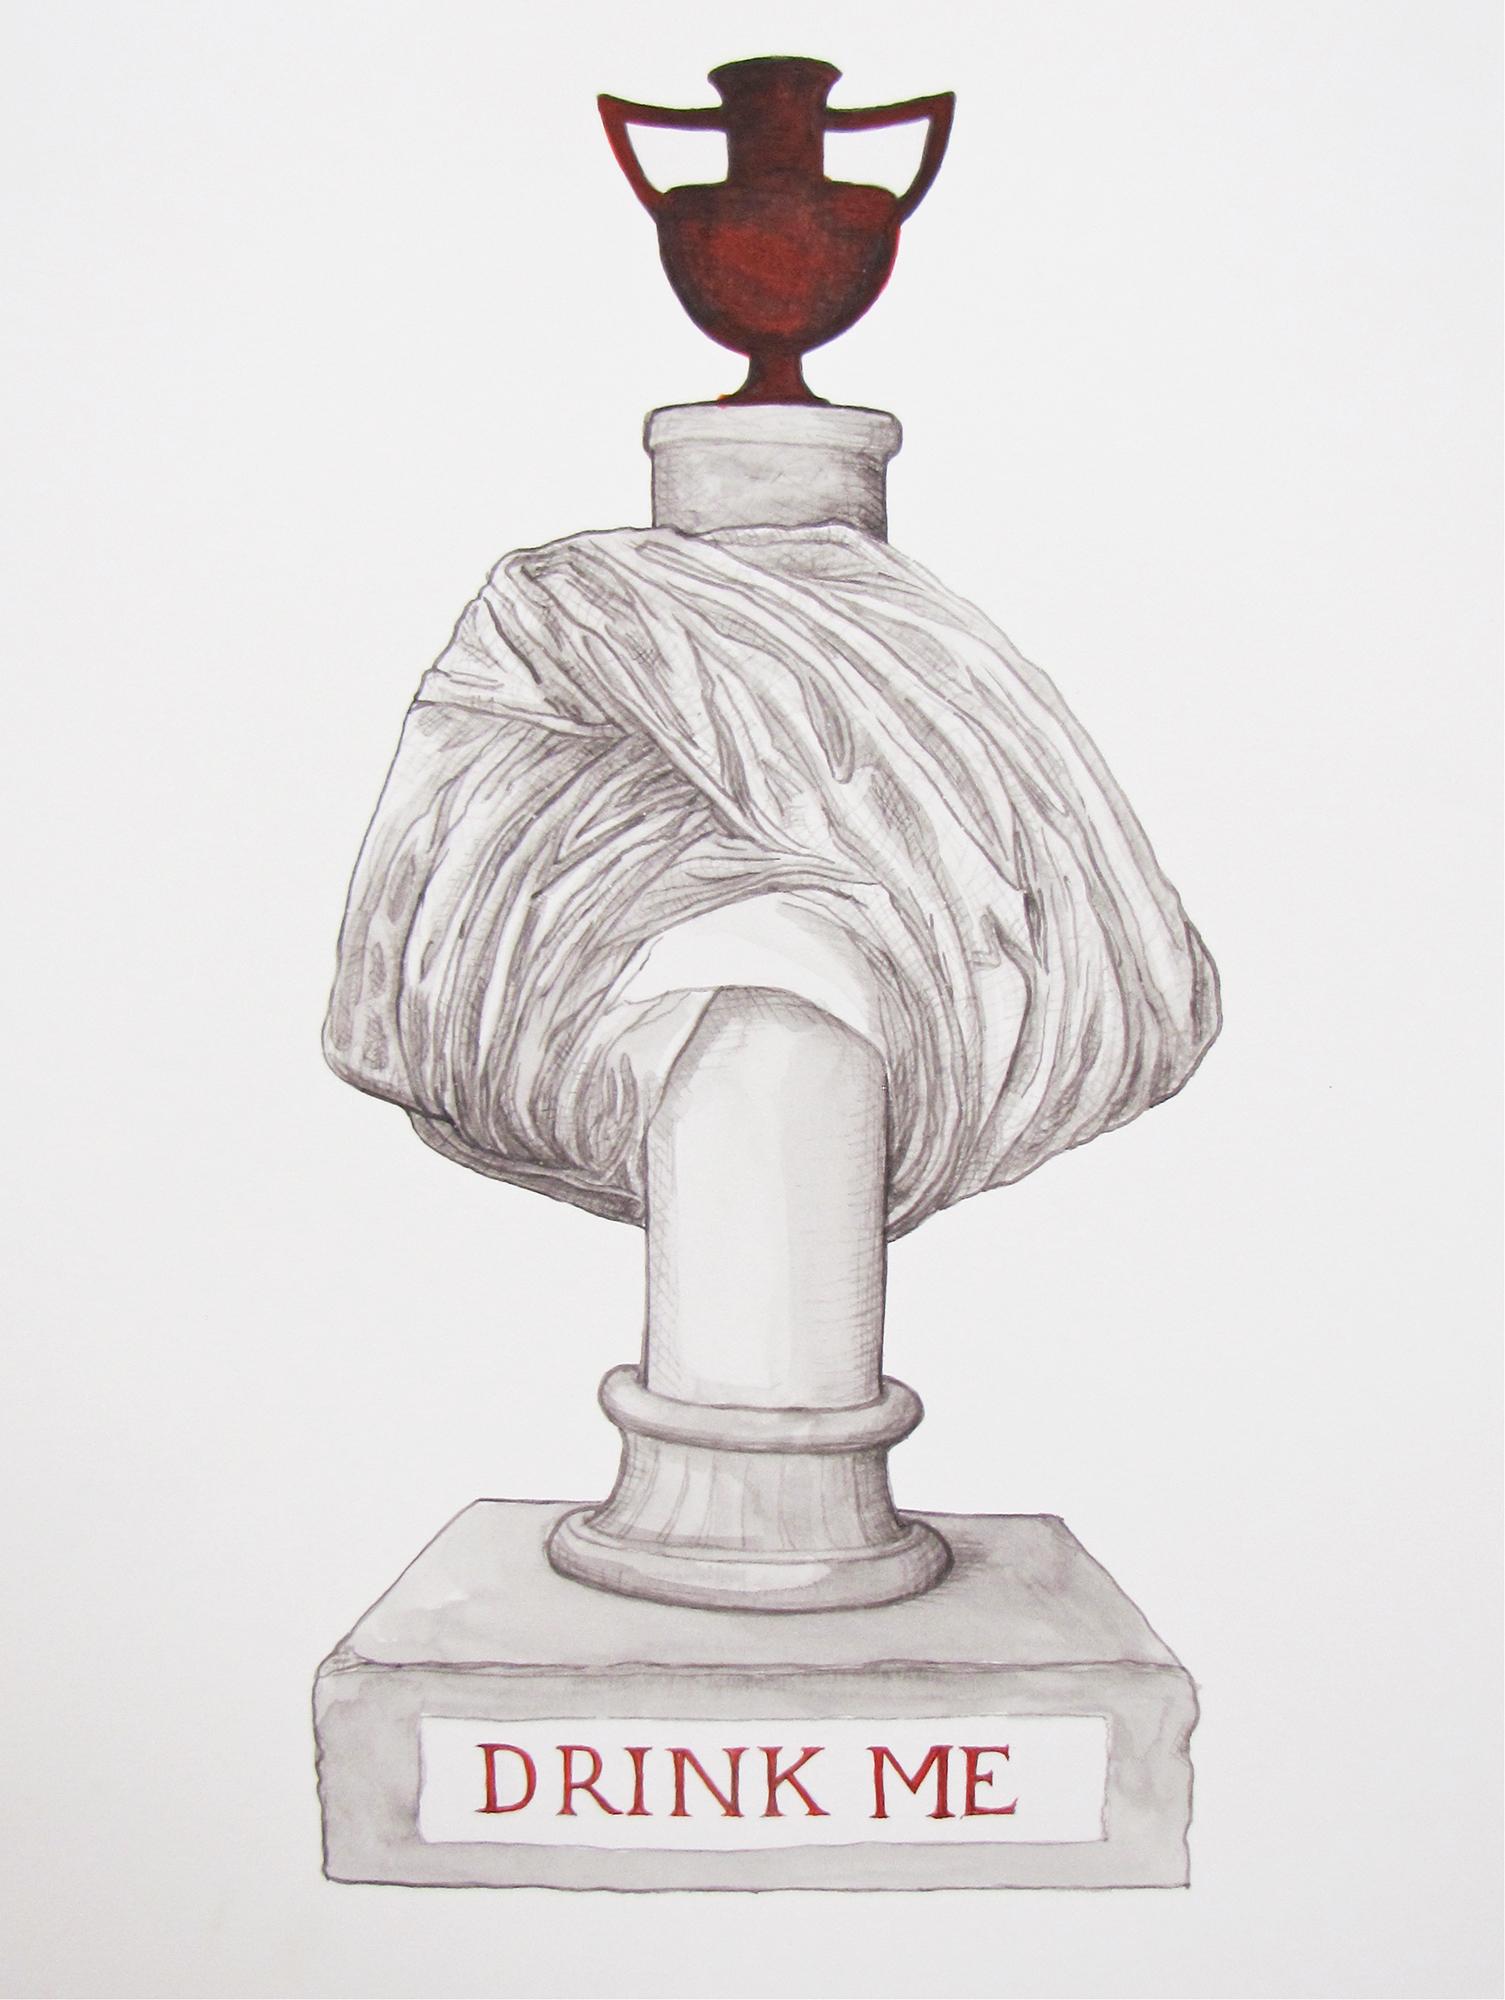 Bust/obelisk II (Drink me) 2012